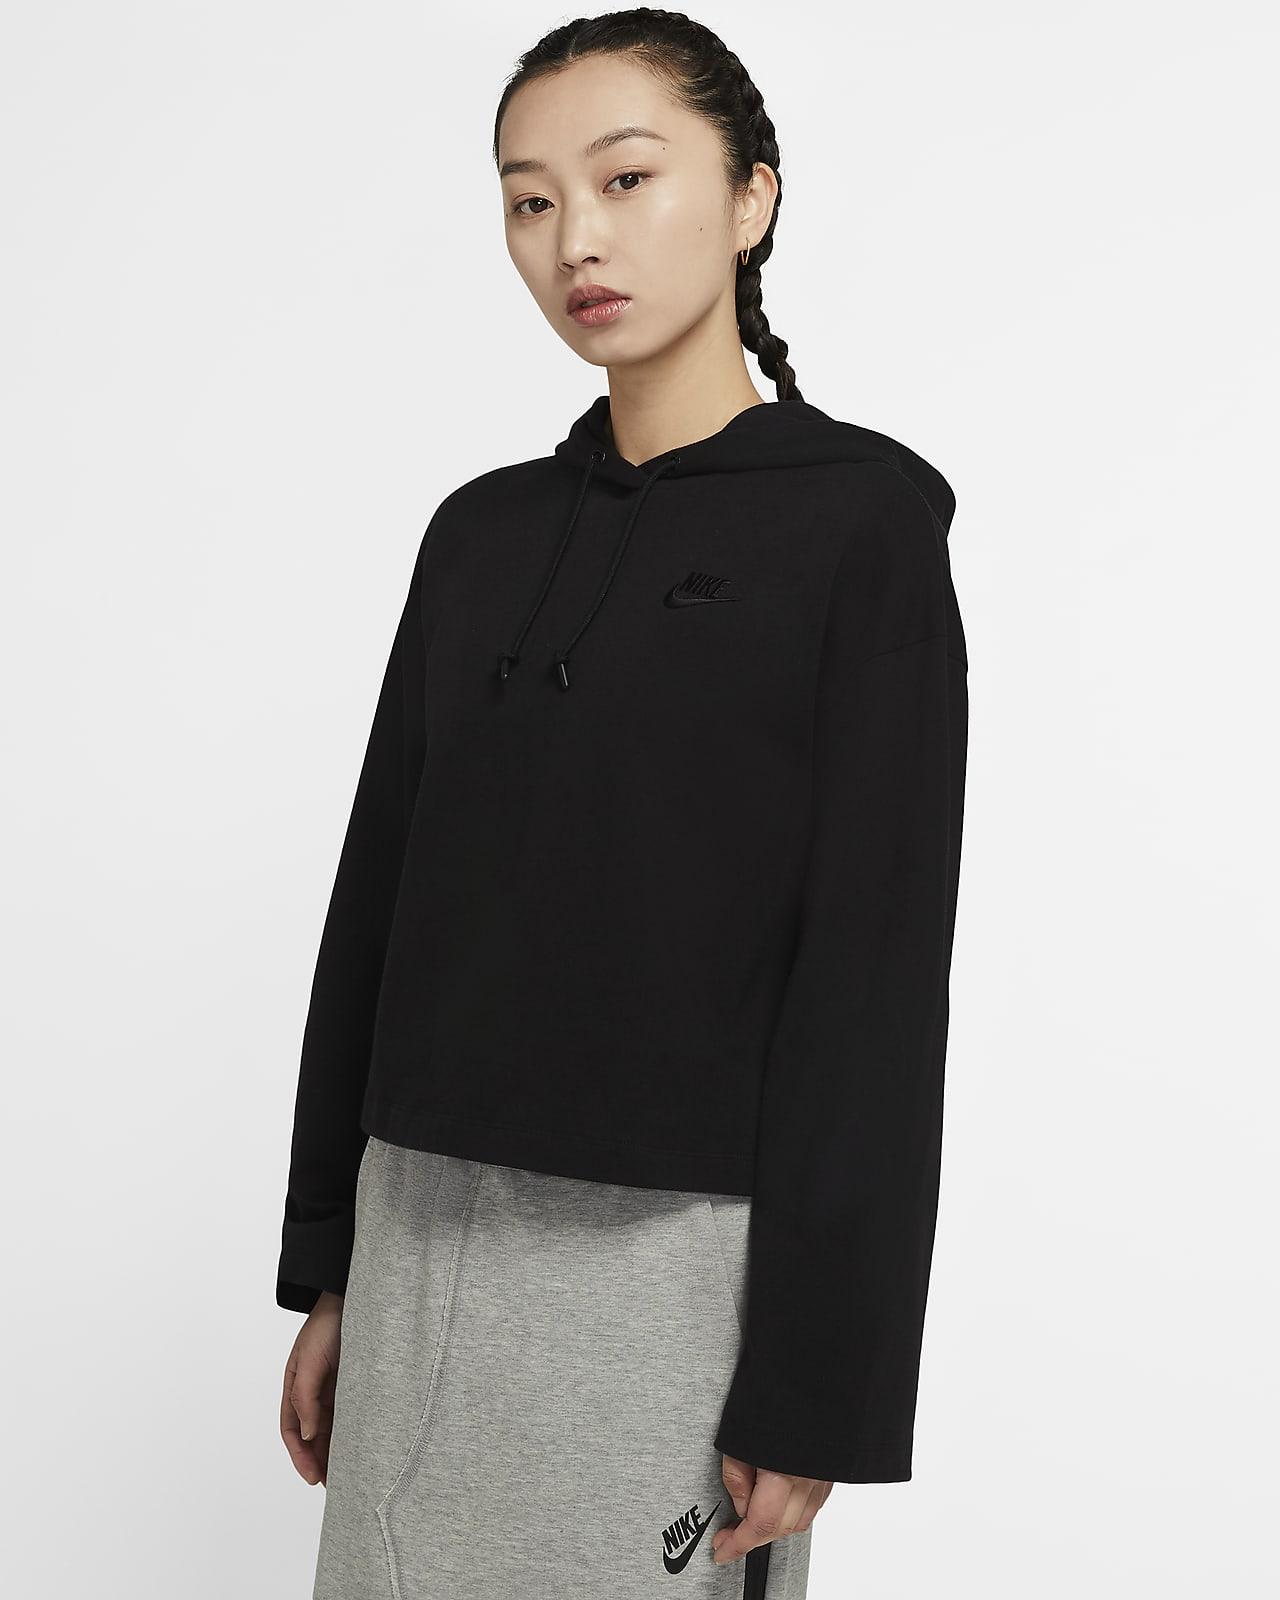 Nike Sportswear Women's Jersey Hoodie